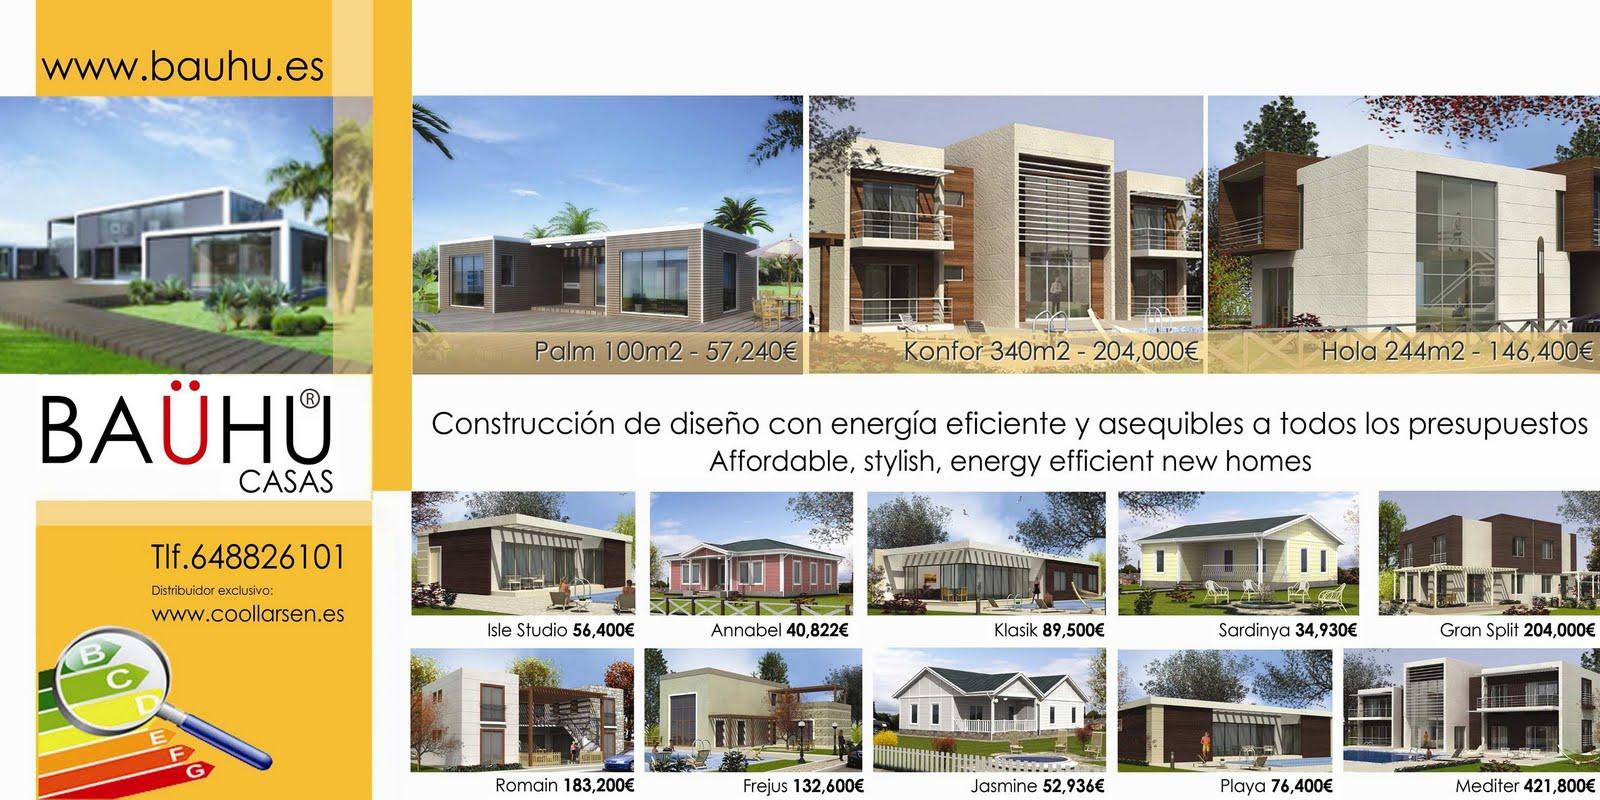 BAUHUcasas Distribuidor Casas \